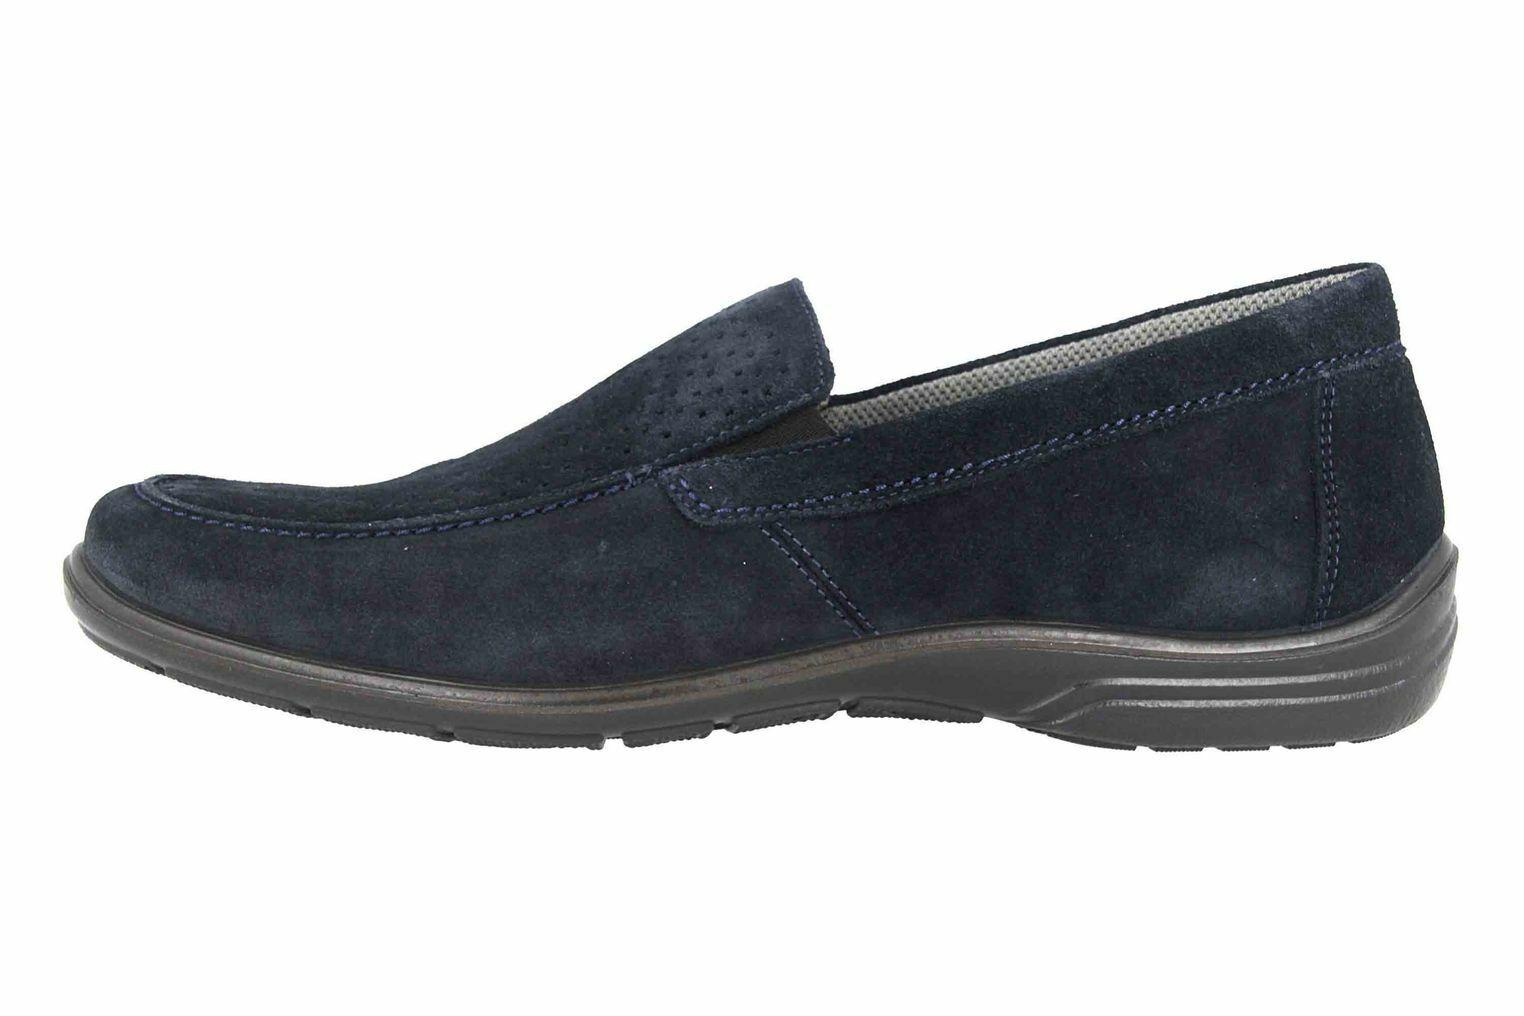 Jomos slipper en pijama azul 305310 84 845 grandes zapatos caballero